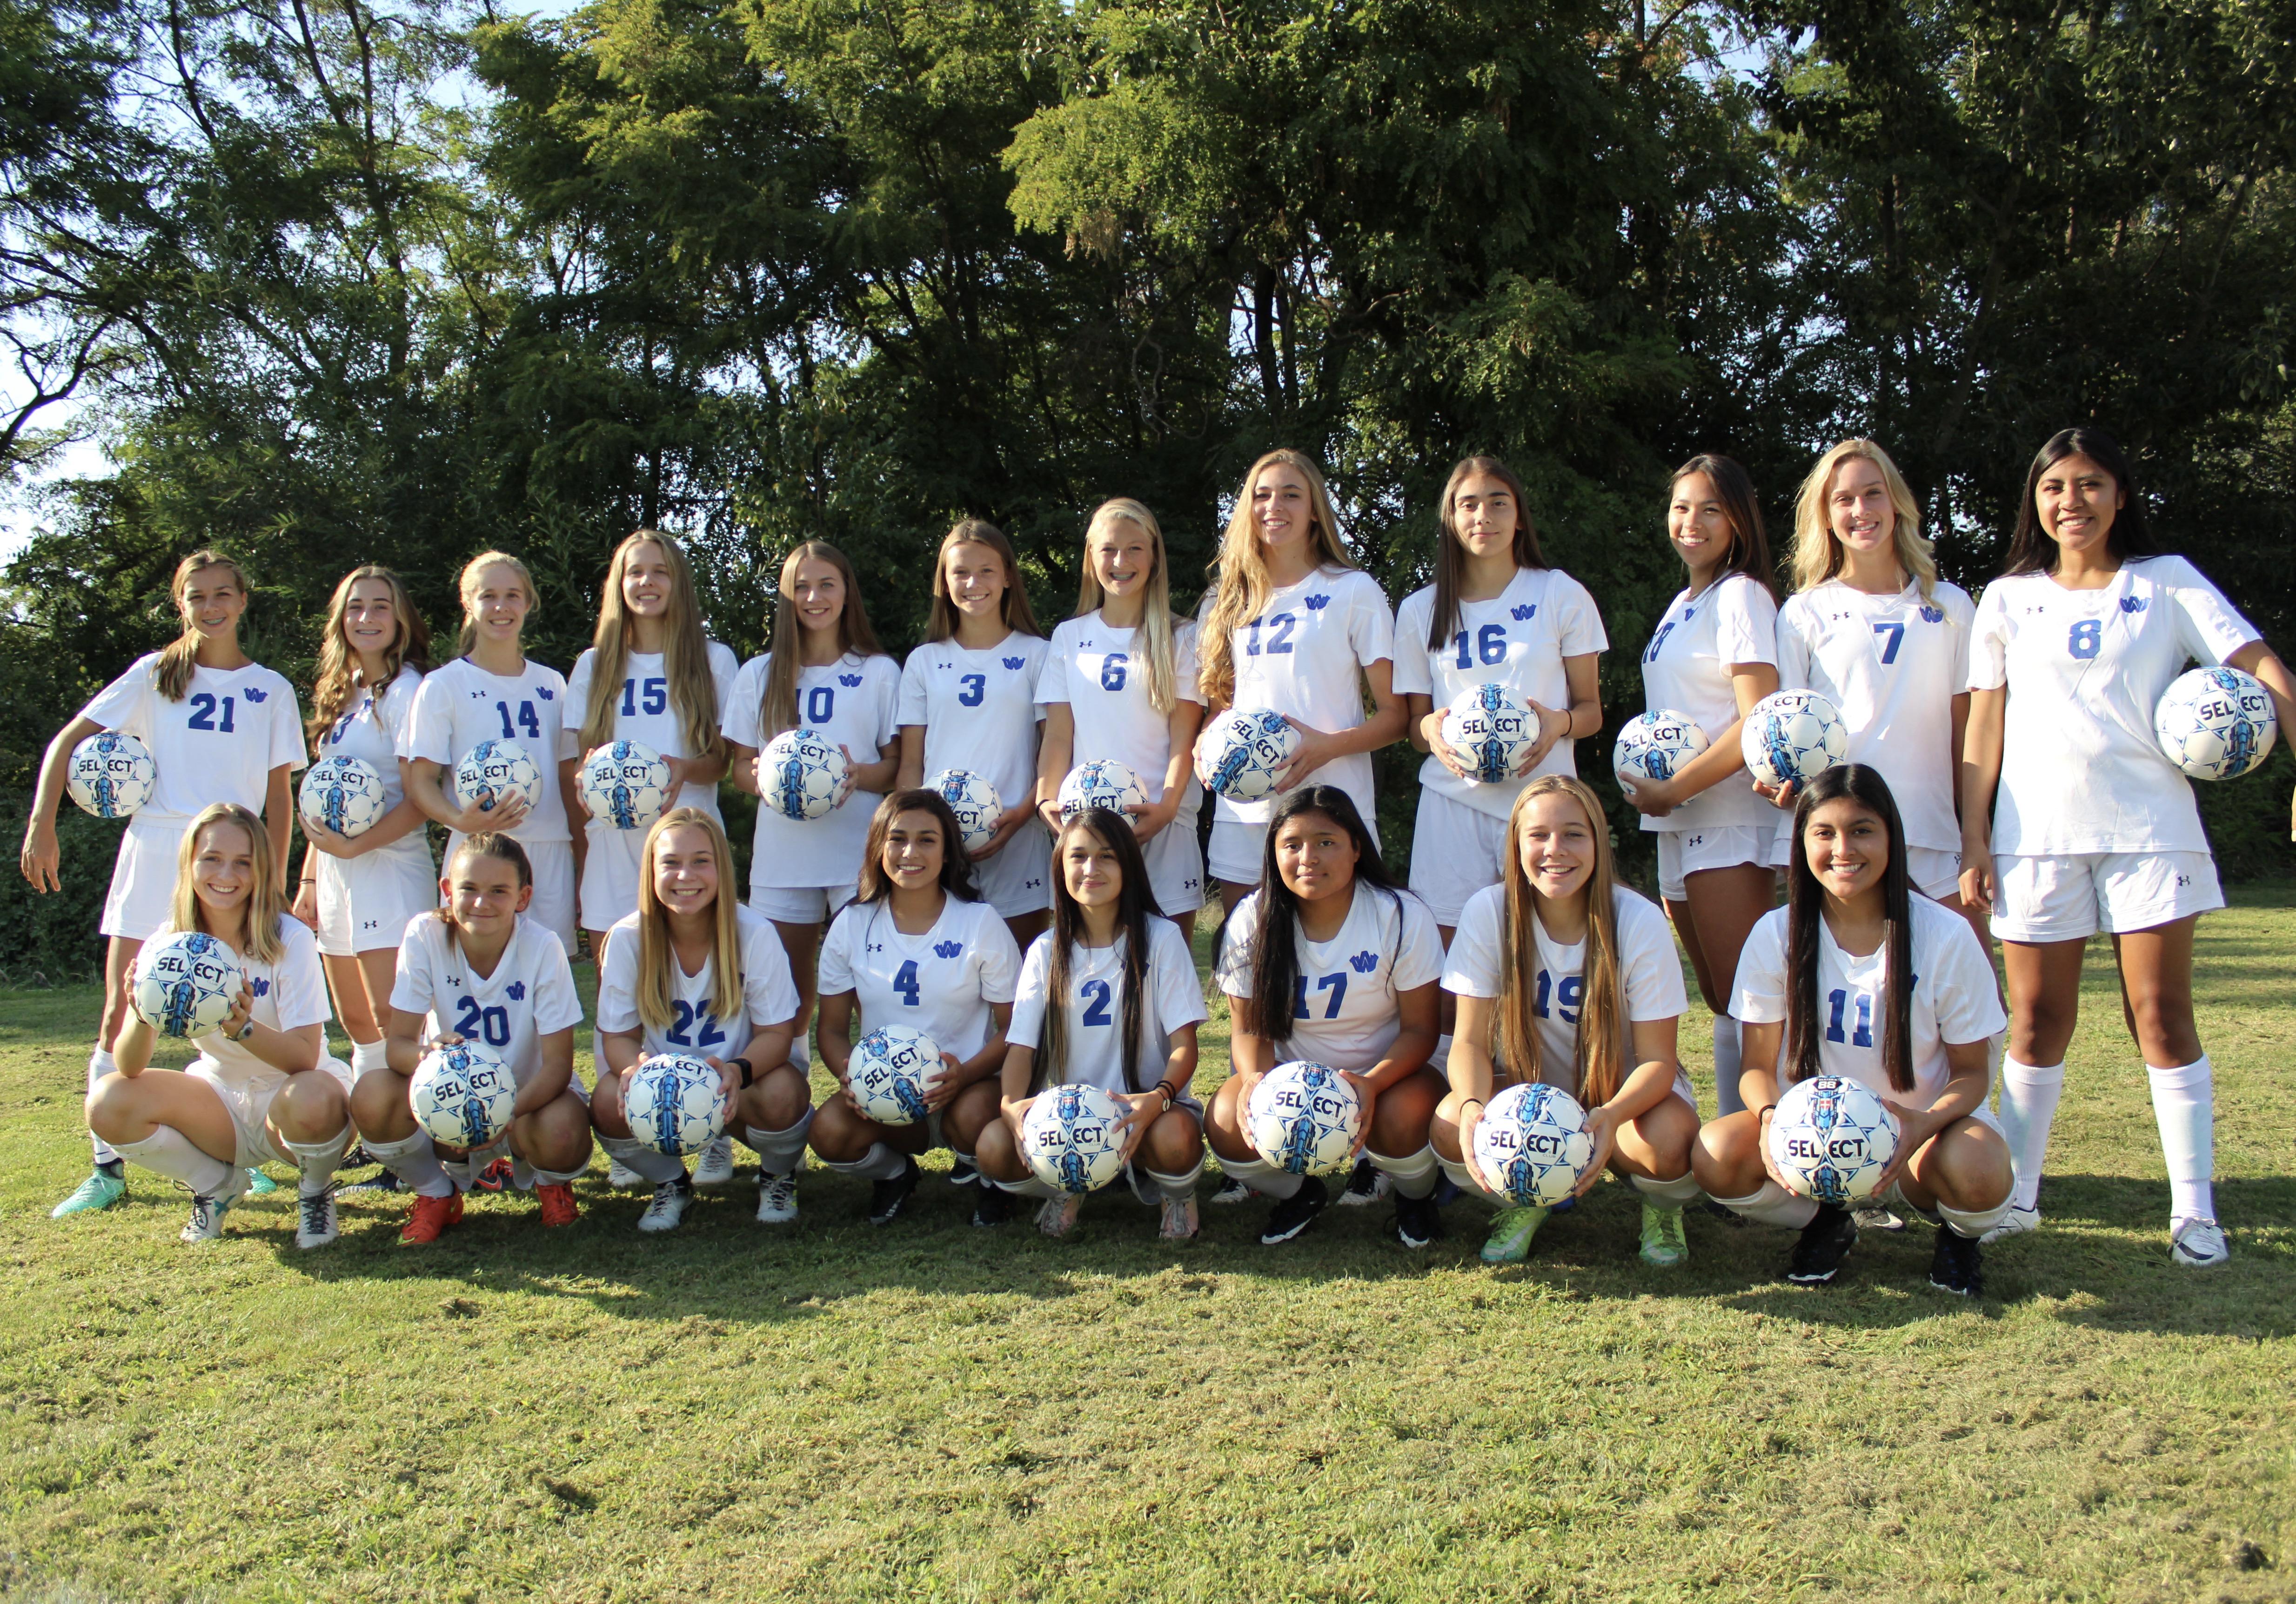 images/athletics/Girls_Soccer/2017_Blue_Devil_Girls_Soccer.jpg